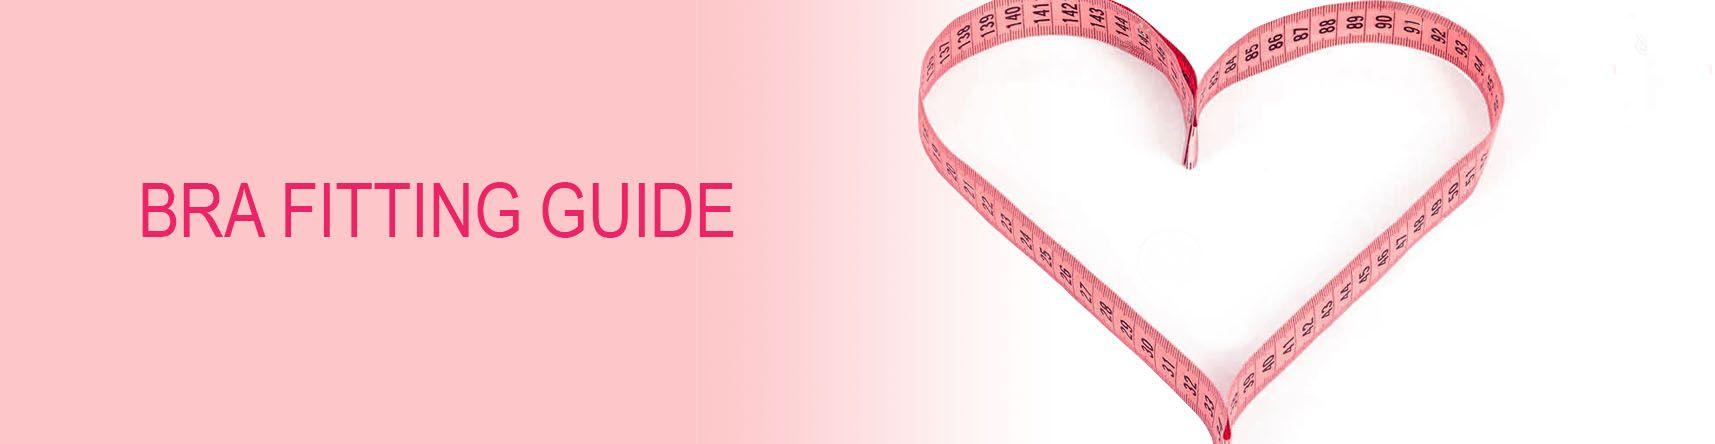 belle lingerie bra fitting guide banner